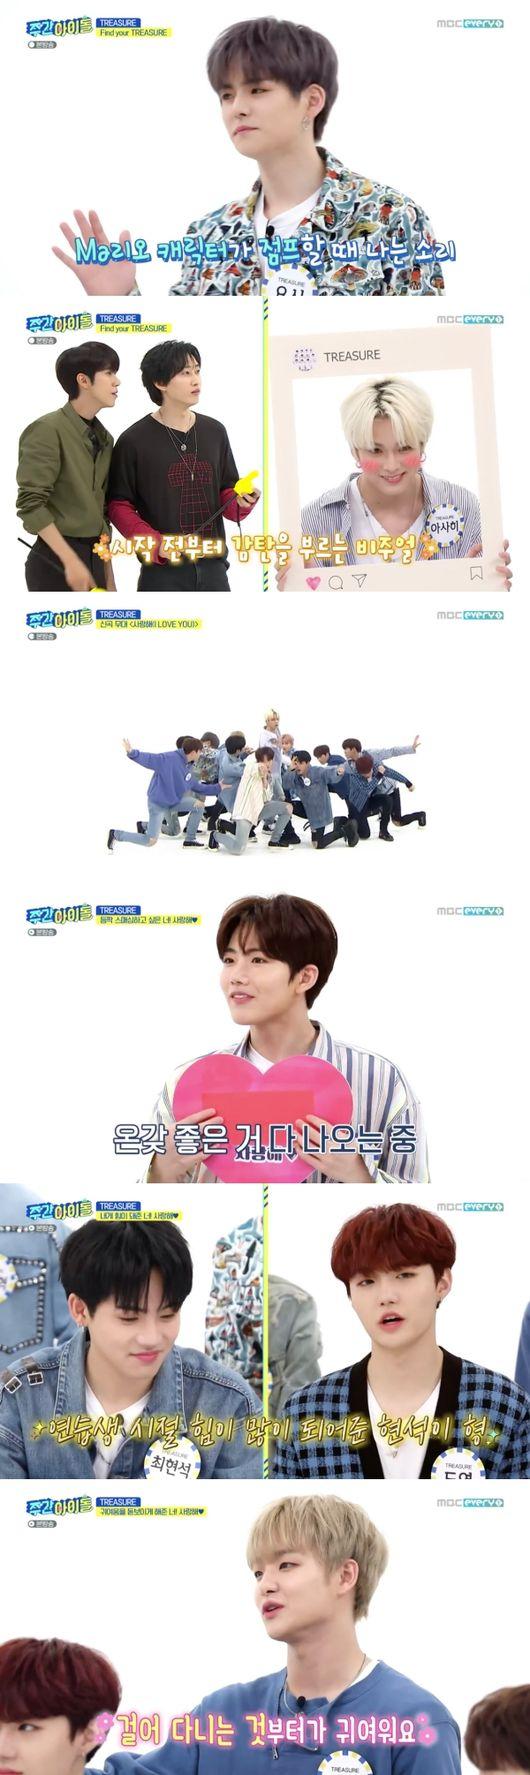 주간아이돌 트레저, 사랑해 2배속 댄스→블랙핑크 커버..첫 예능 신고식 합격점 [종합]